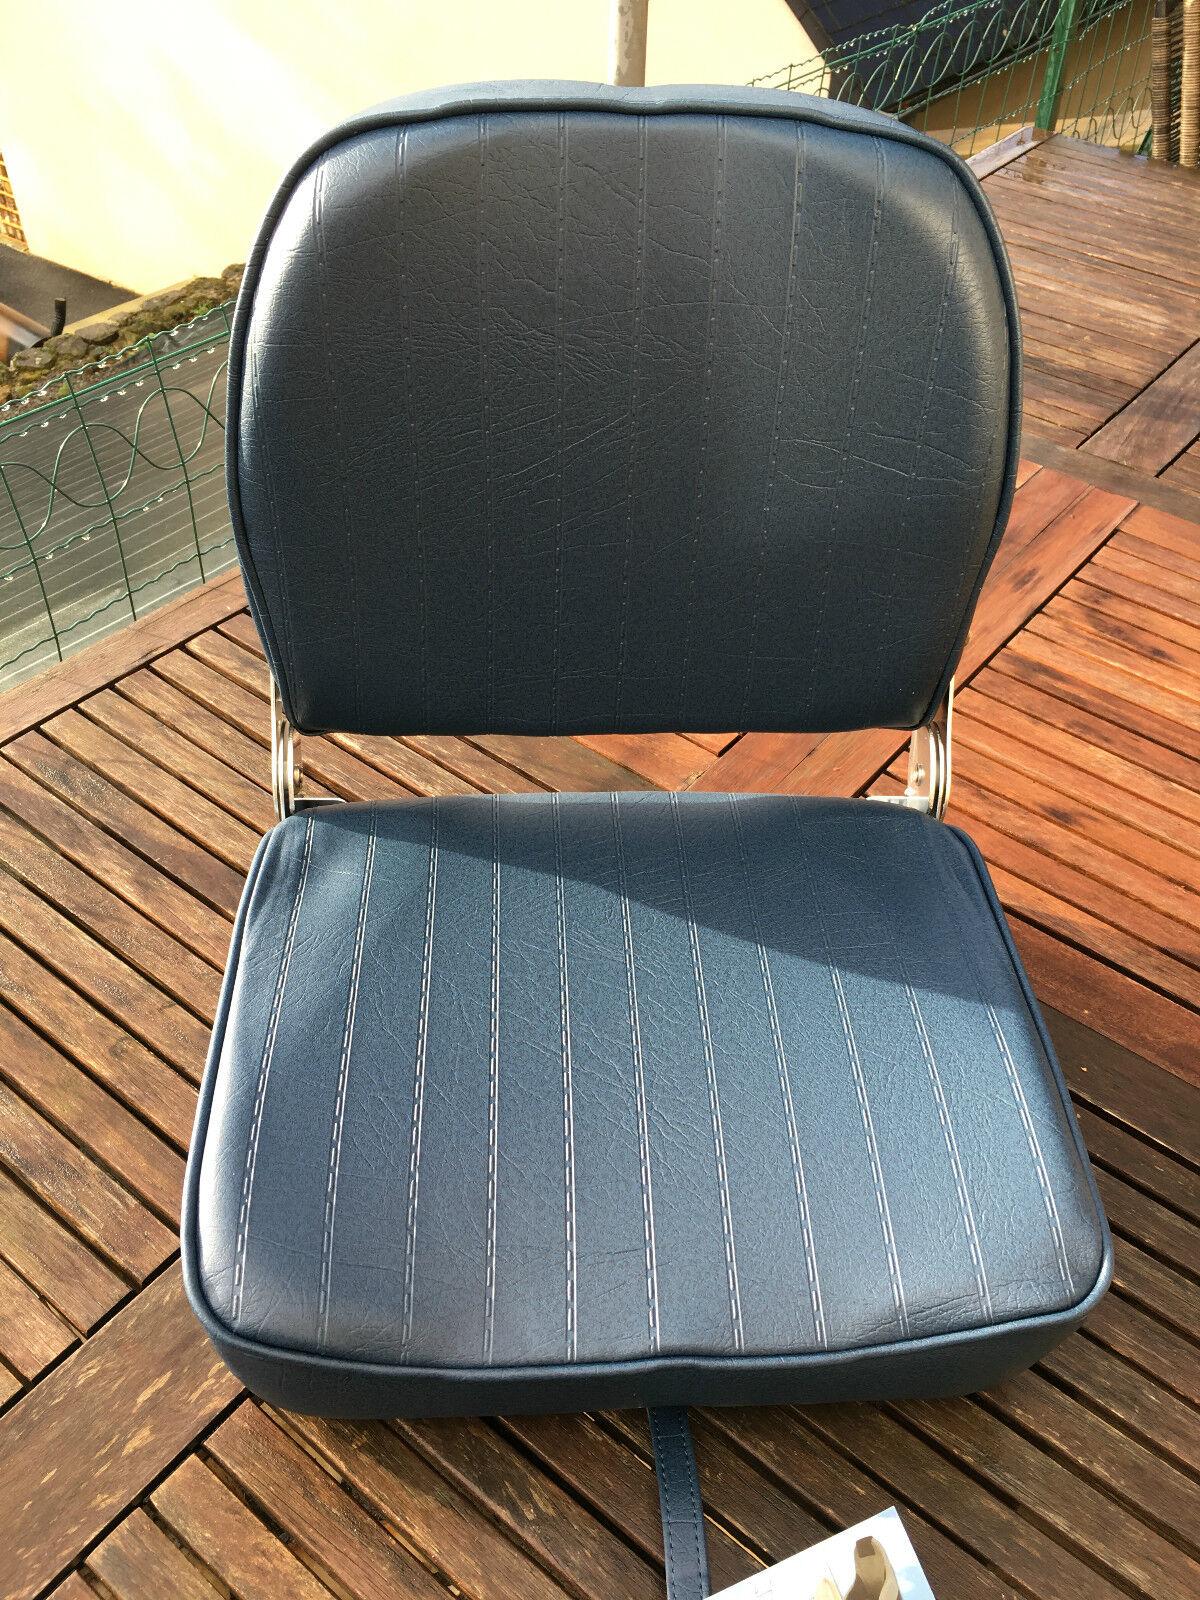 SEAT BOAT FOLDING IN LEATHERETTE blueE